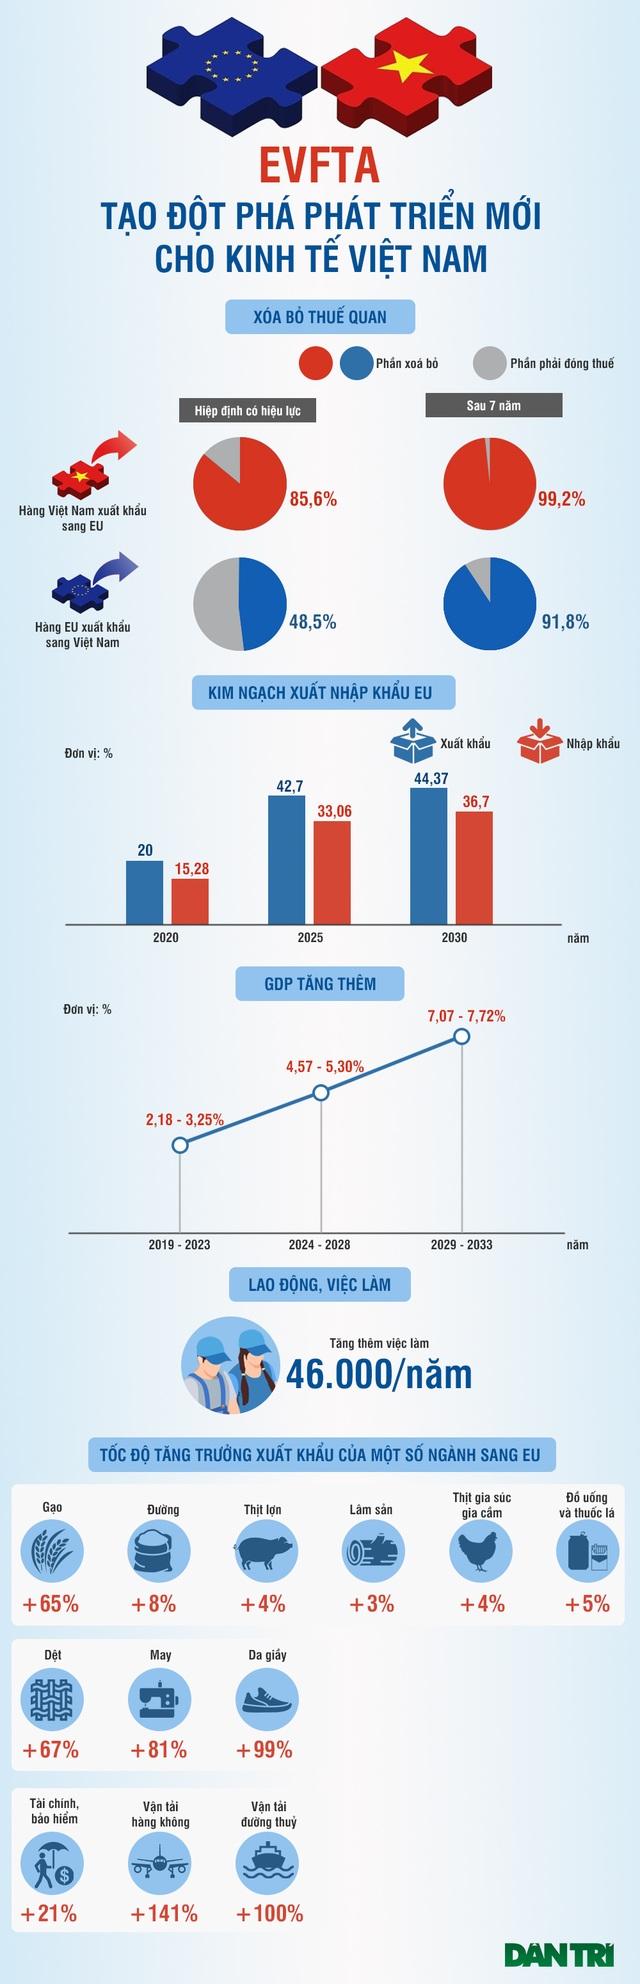 EVFTA tạo đột phá phát triển mới cho kinh tế Việt Nam - 1